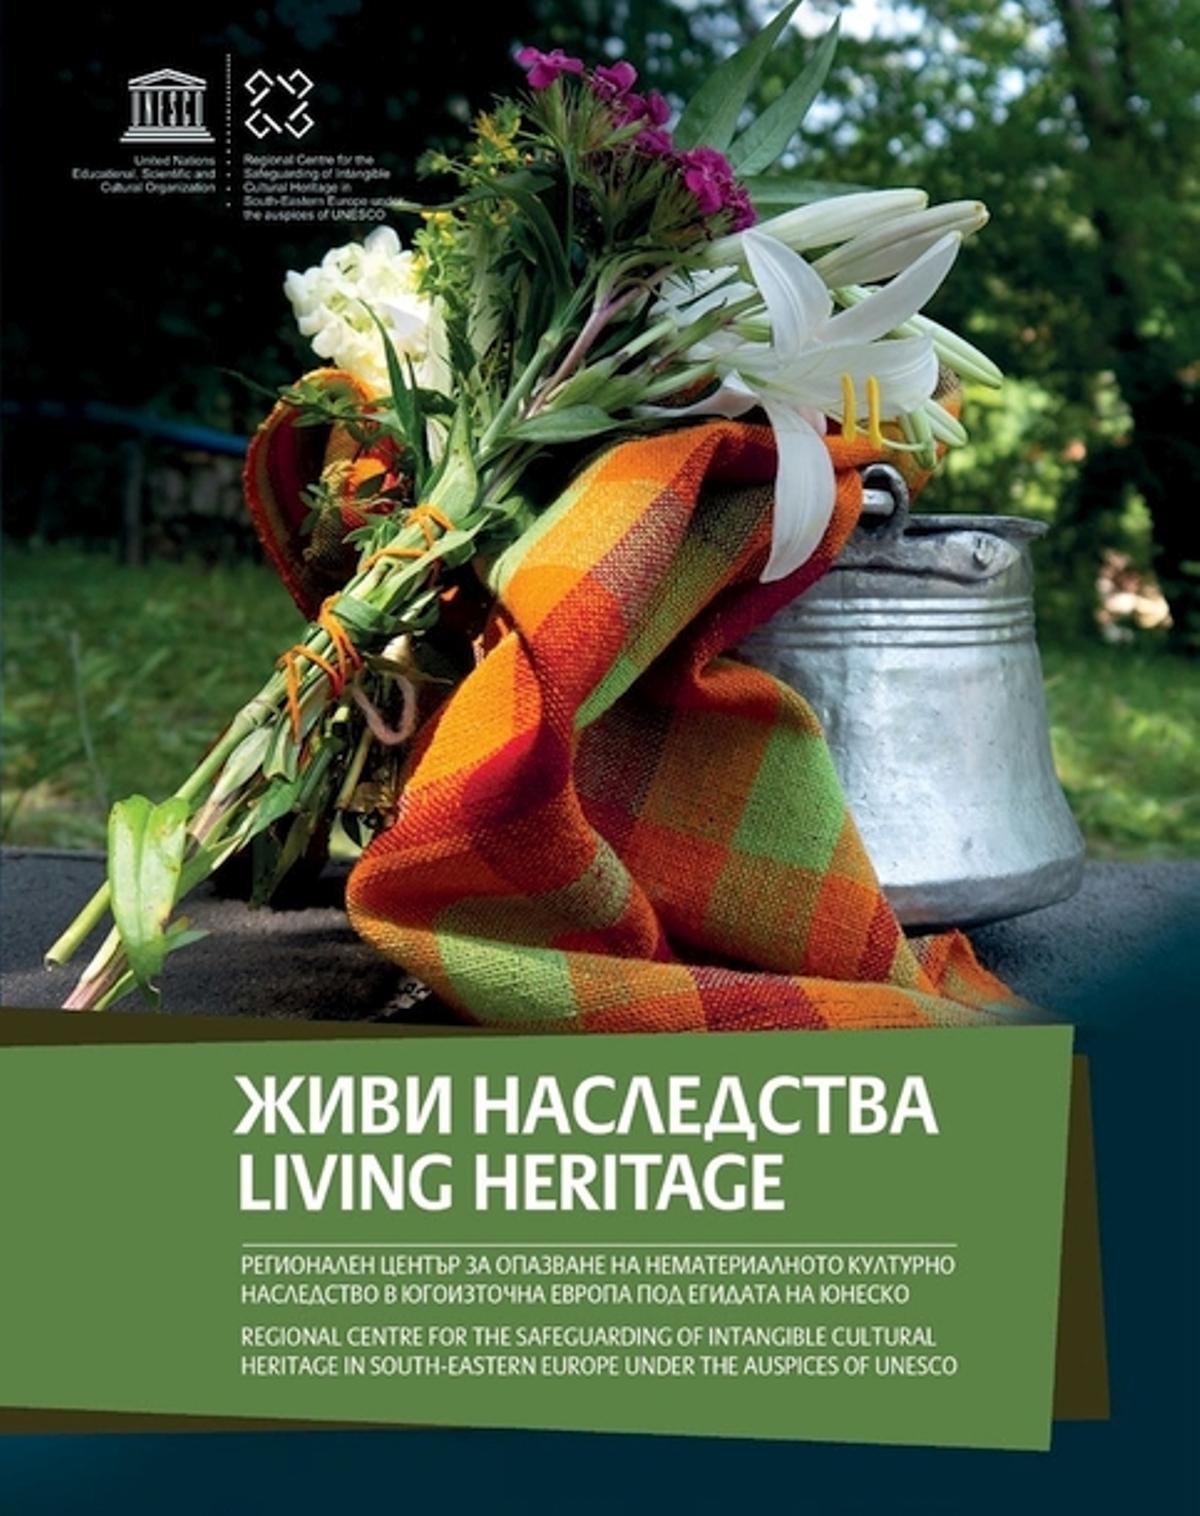 Photo of Հայկական ոչ նյութական մշակութային ժառանգությունը՝ ՅՈՒՆԵՍԿՕ-ի «Կենսունակ ժառանգություն» պարբերականում